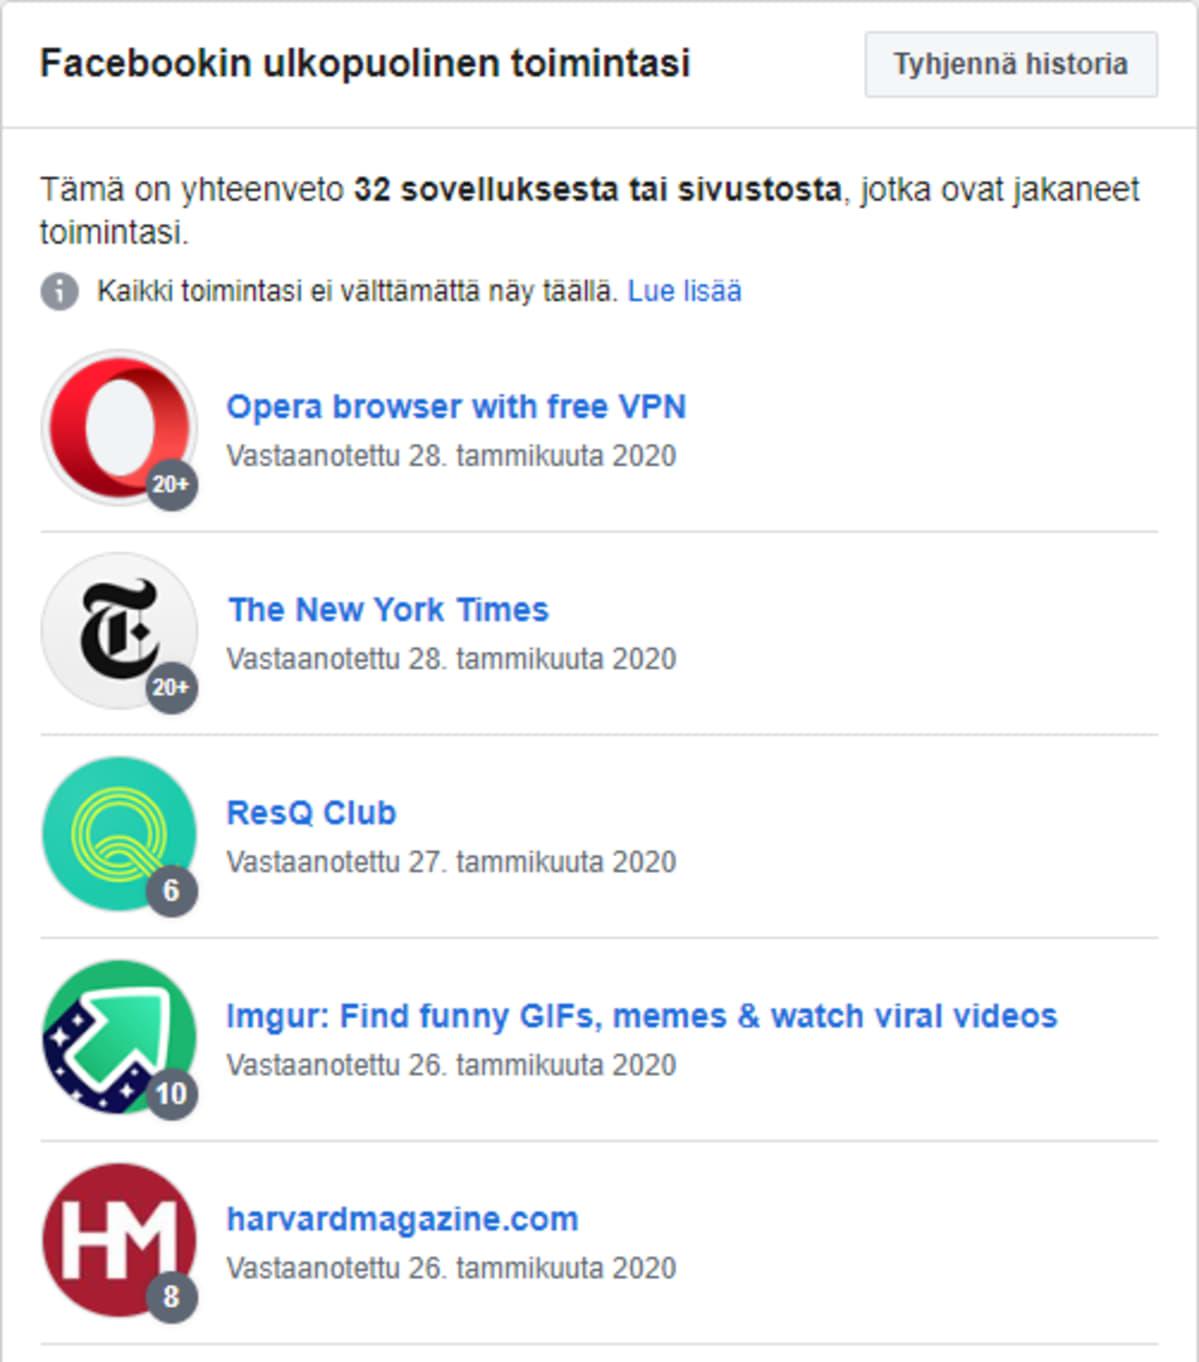 Näkymä Facebookista, joka näyttää tiedon siitä mihin Facebookin ulkopuoliseen toimintaan tietojasi käytetään. Kyseisellä käyttäjällä listassa on mm. Opera browser with free VPN, The New York Times, ResQ Club, Imgur ja harvardmagazine.com.